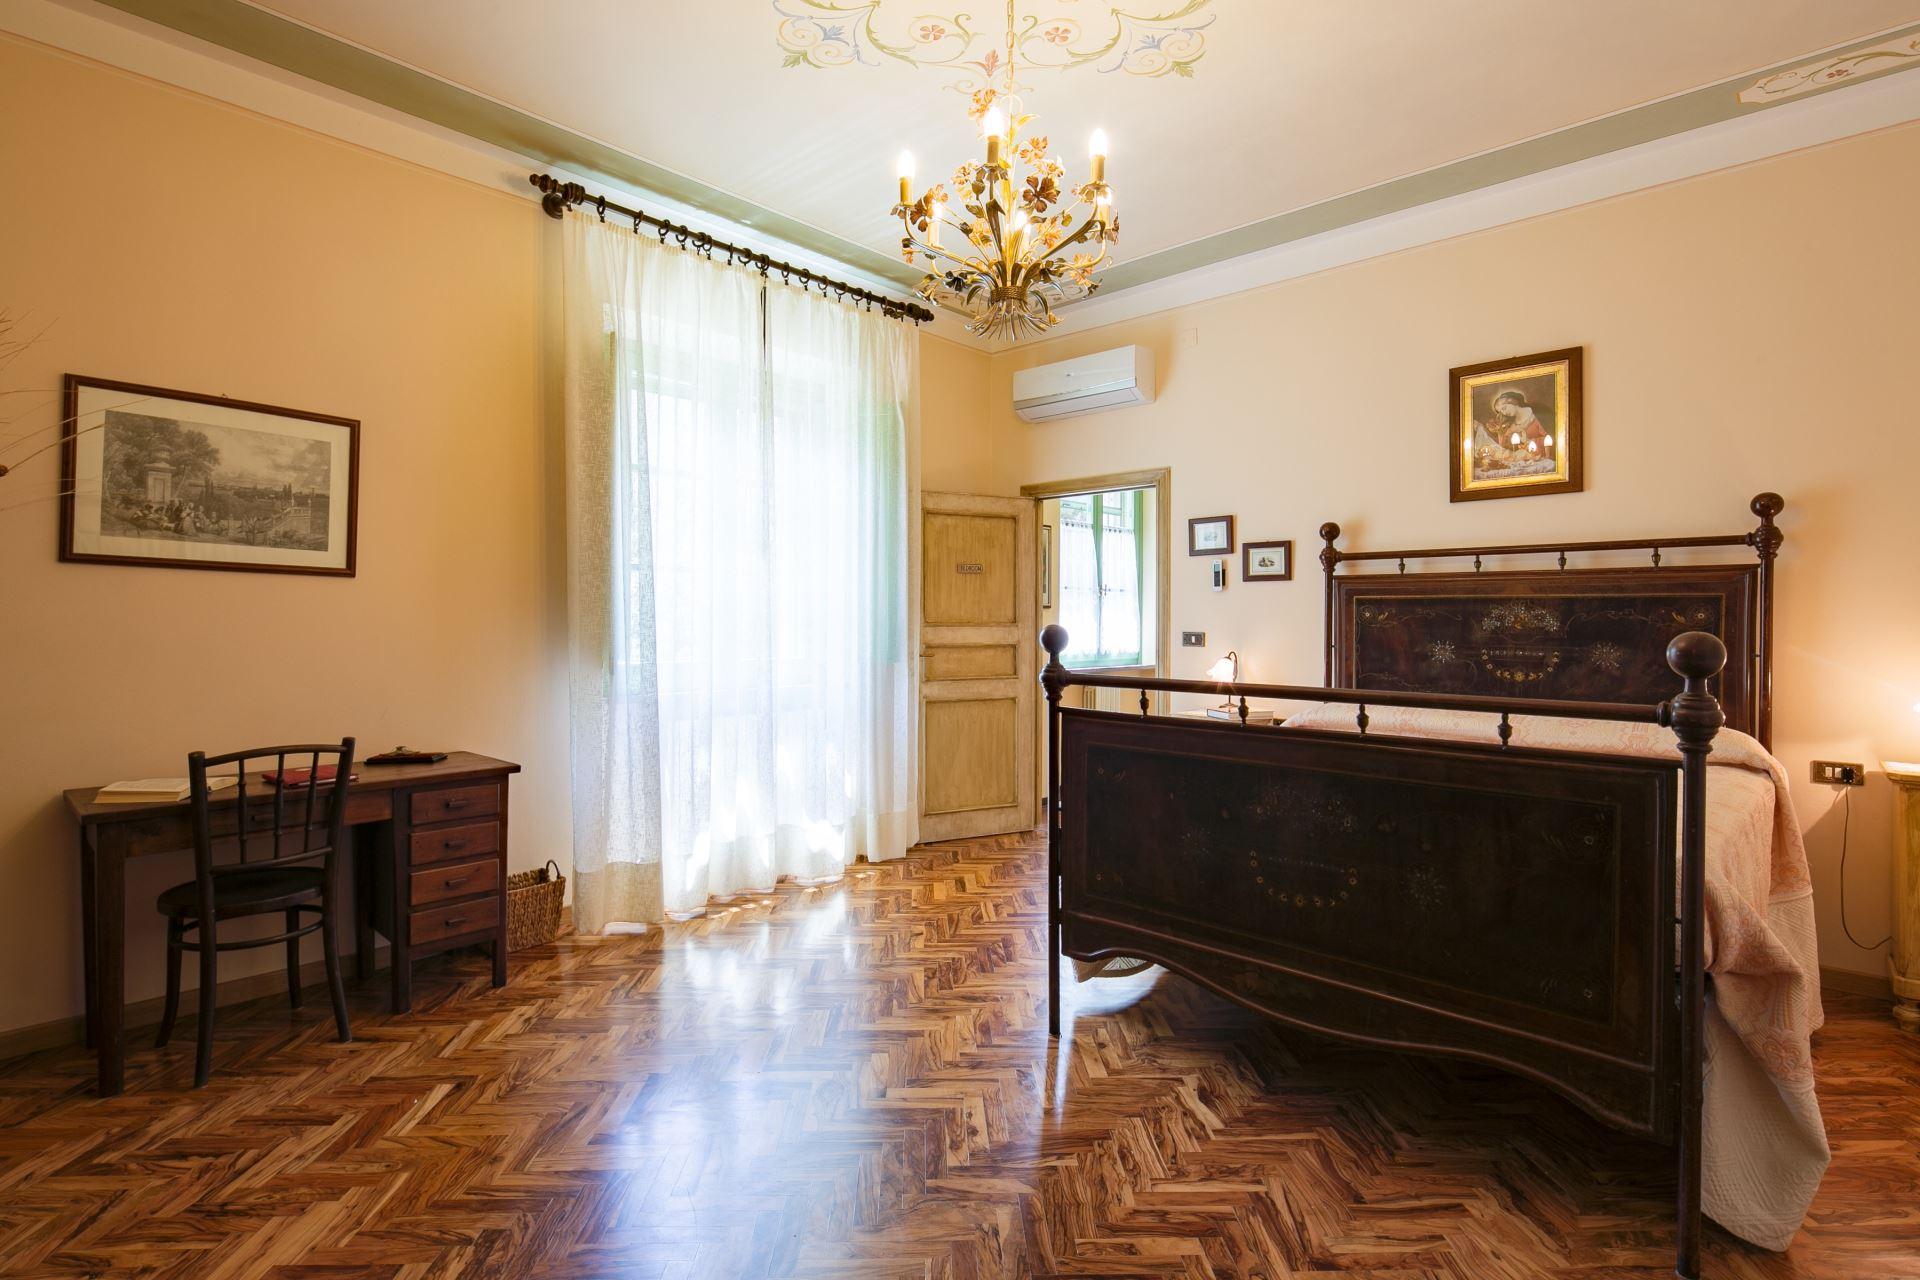 VILLAS WITH POOL FONTE VINAGLIA CASTIGLION FIORENTINO TOSCANA